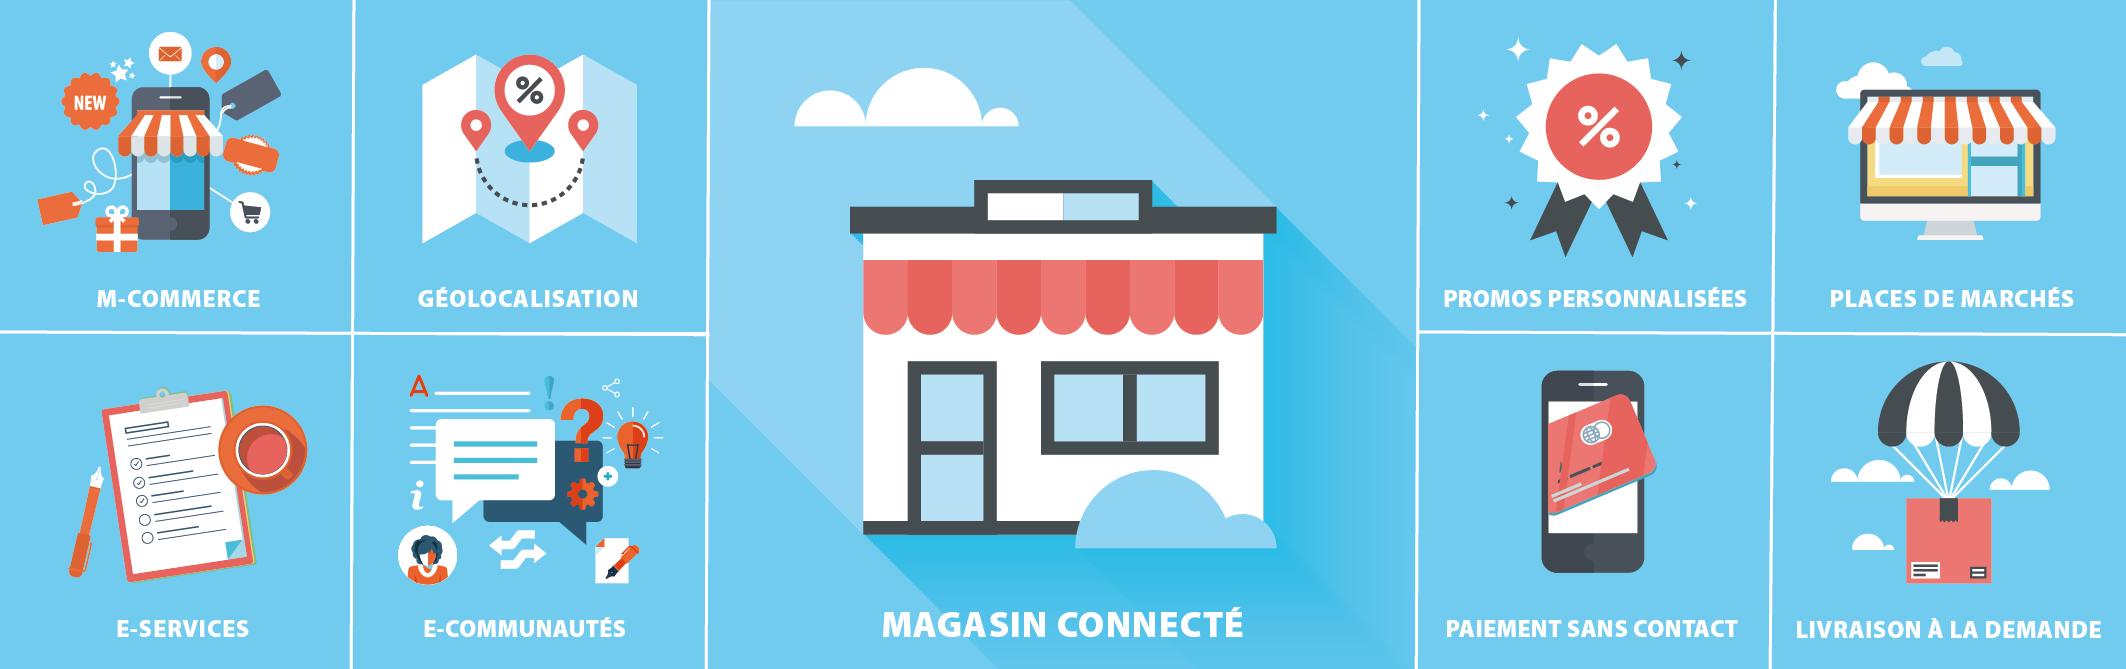 be17e31fb14 E-commerce et magasin connecté Le commerce bio à l heure du digital -  Biolinéaires